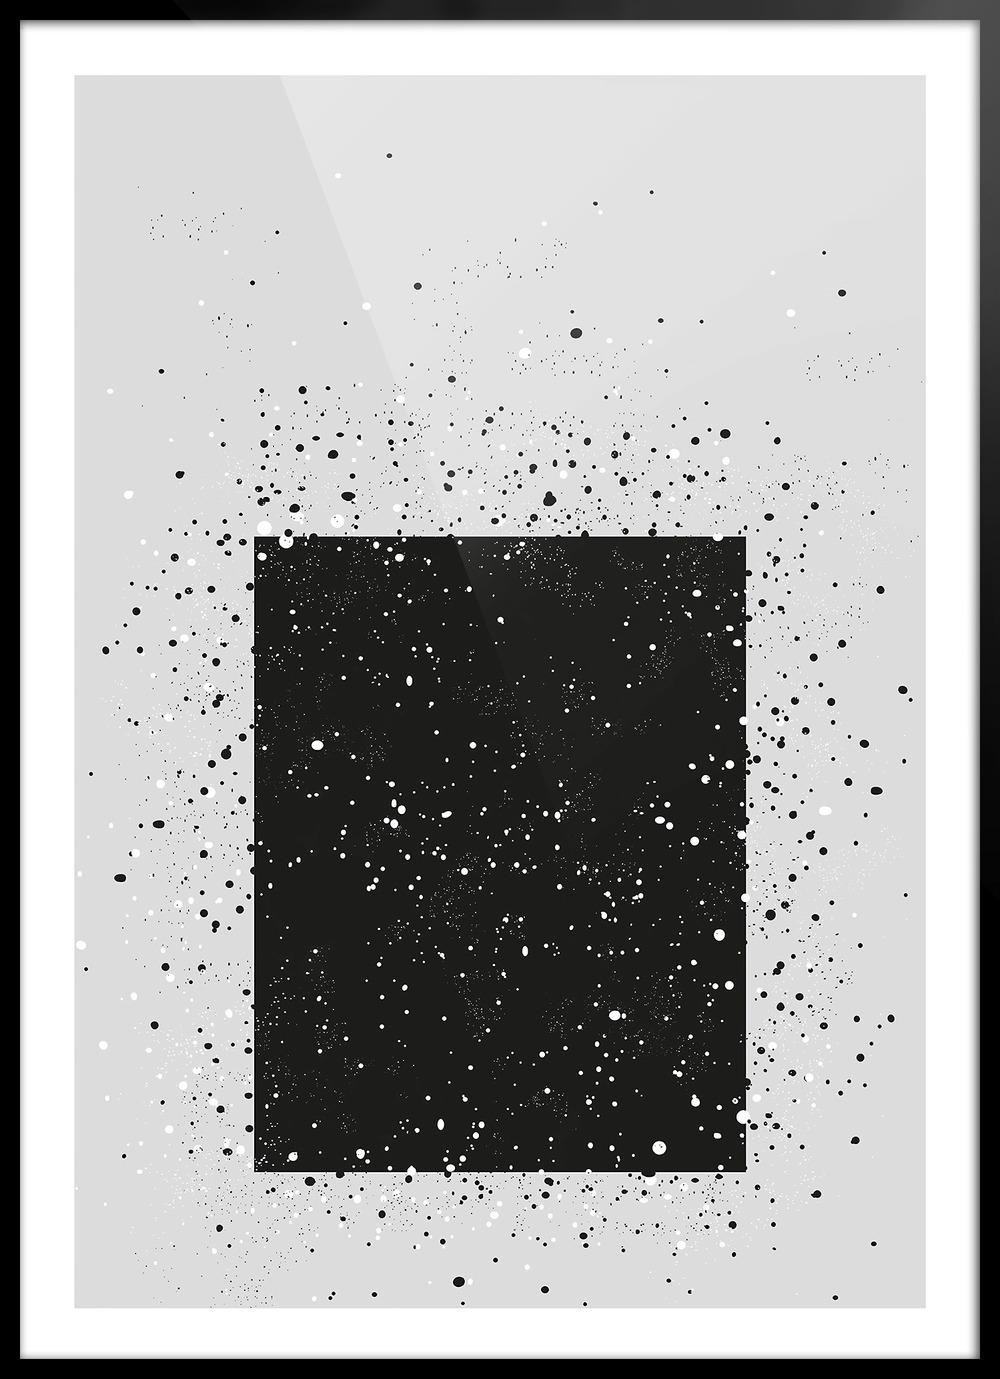 Sternenhimmel-01.jpg